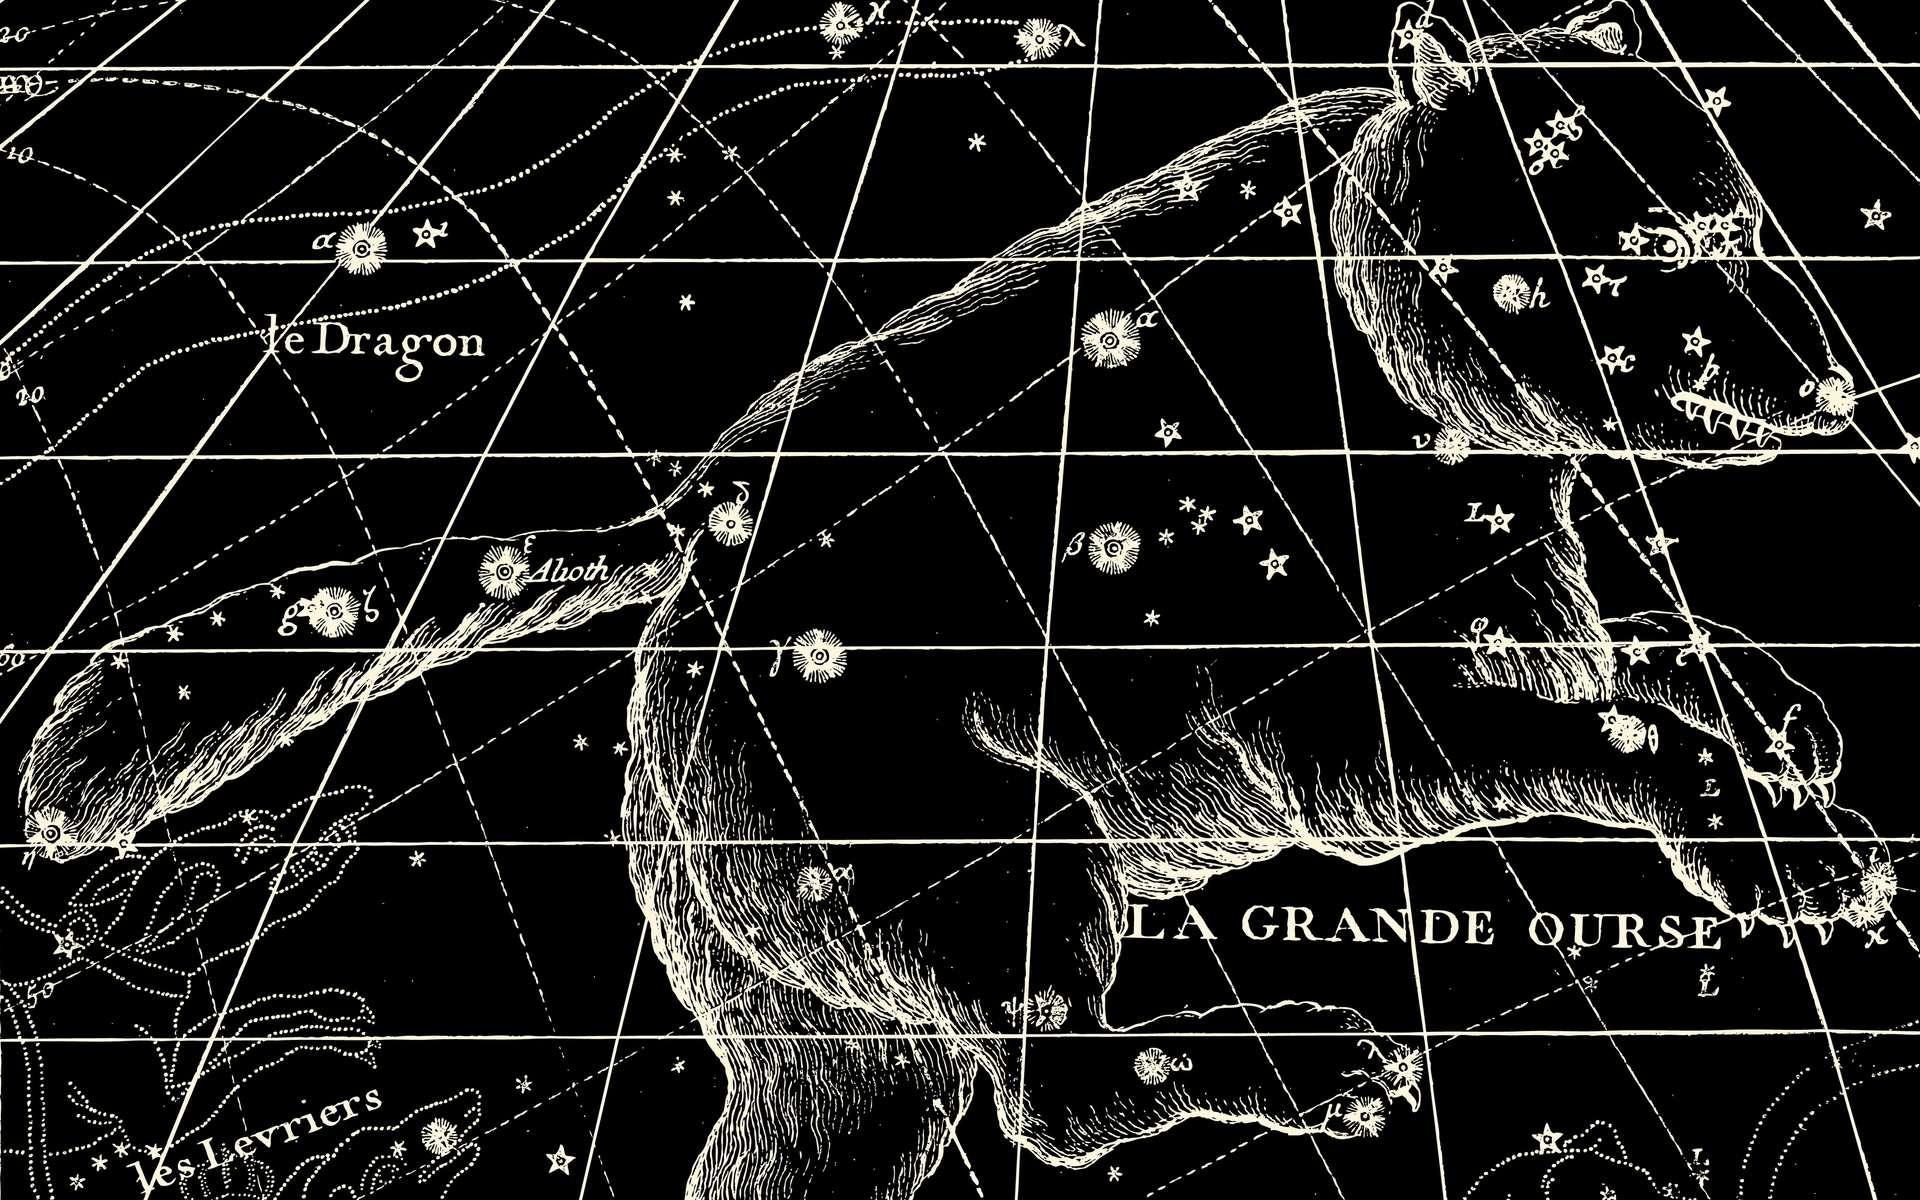 Représentation de la Grande Ourse sur une ancienne carte du ciel. © lynea, fotolia